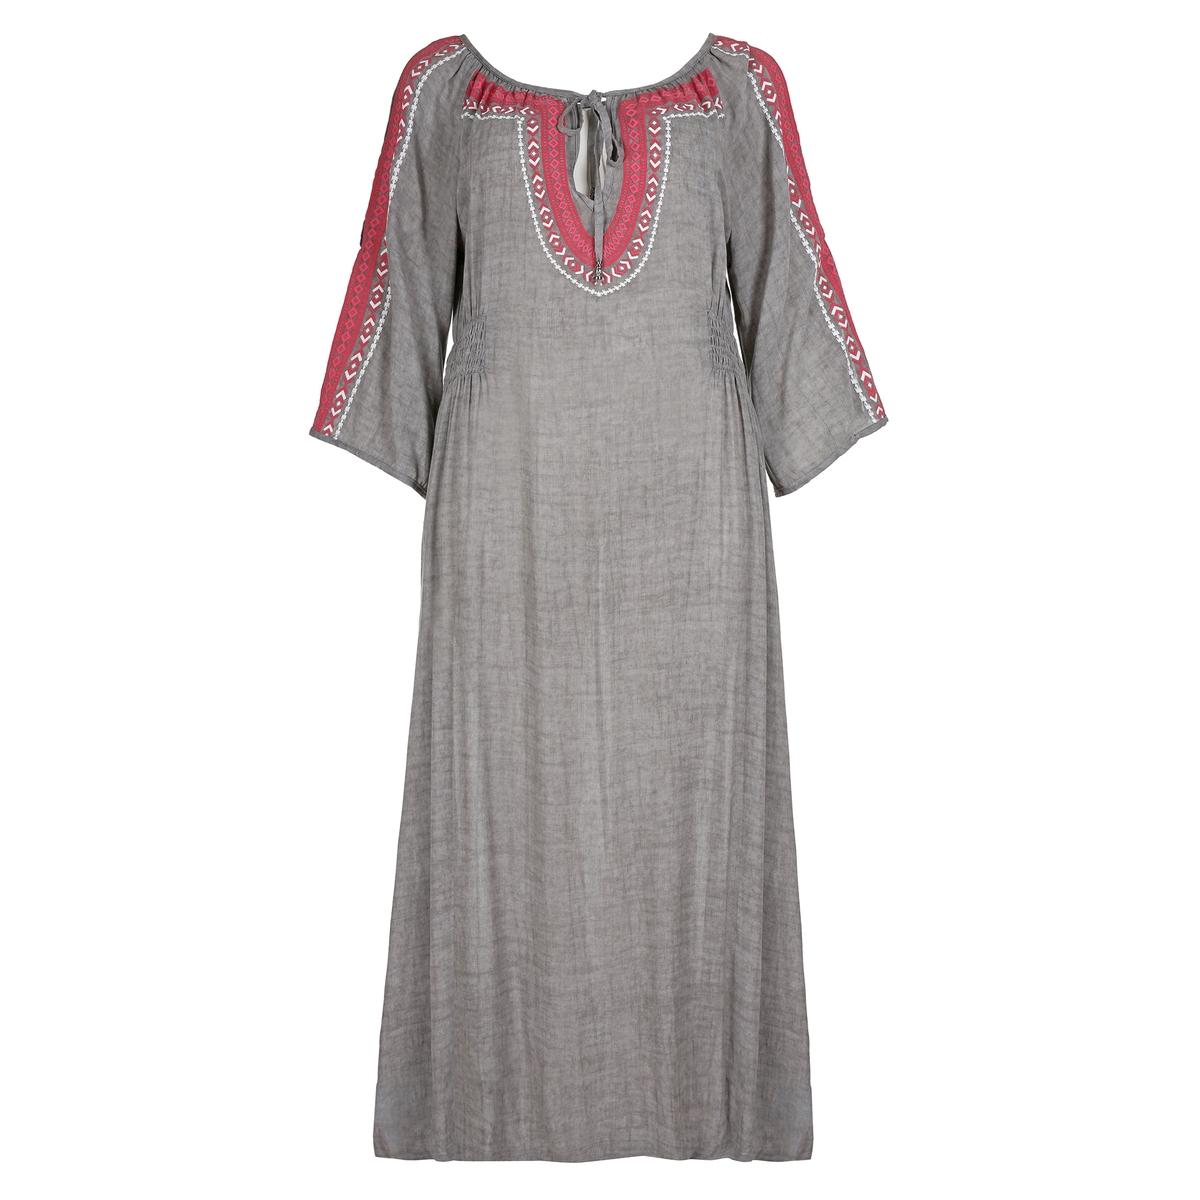 ПлатьеДлинное расклешенное платье MAT FASHION. 100% вискоза. Длинный покрой, эластичный пояс по бокам. Этнический рисунок спереди и на рукавах. Рукава 3/4. V-образный вырез с завязками.<br><br>Цвет: серый